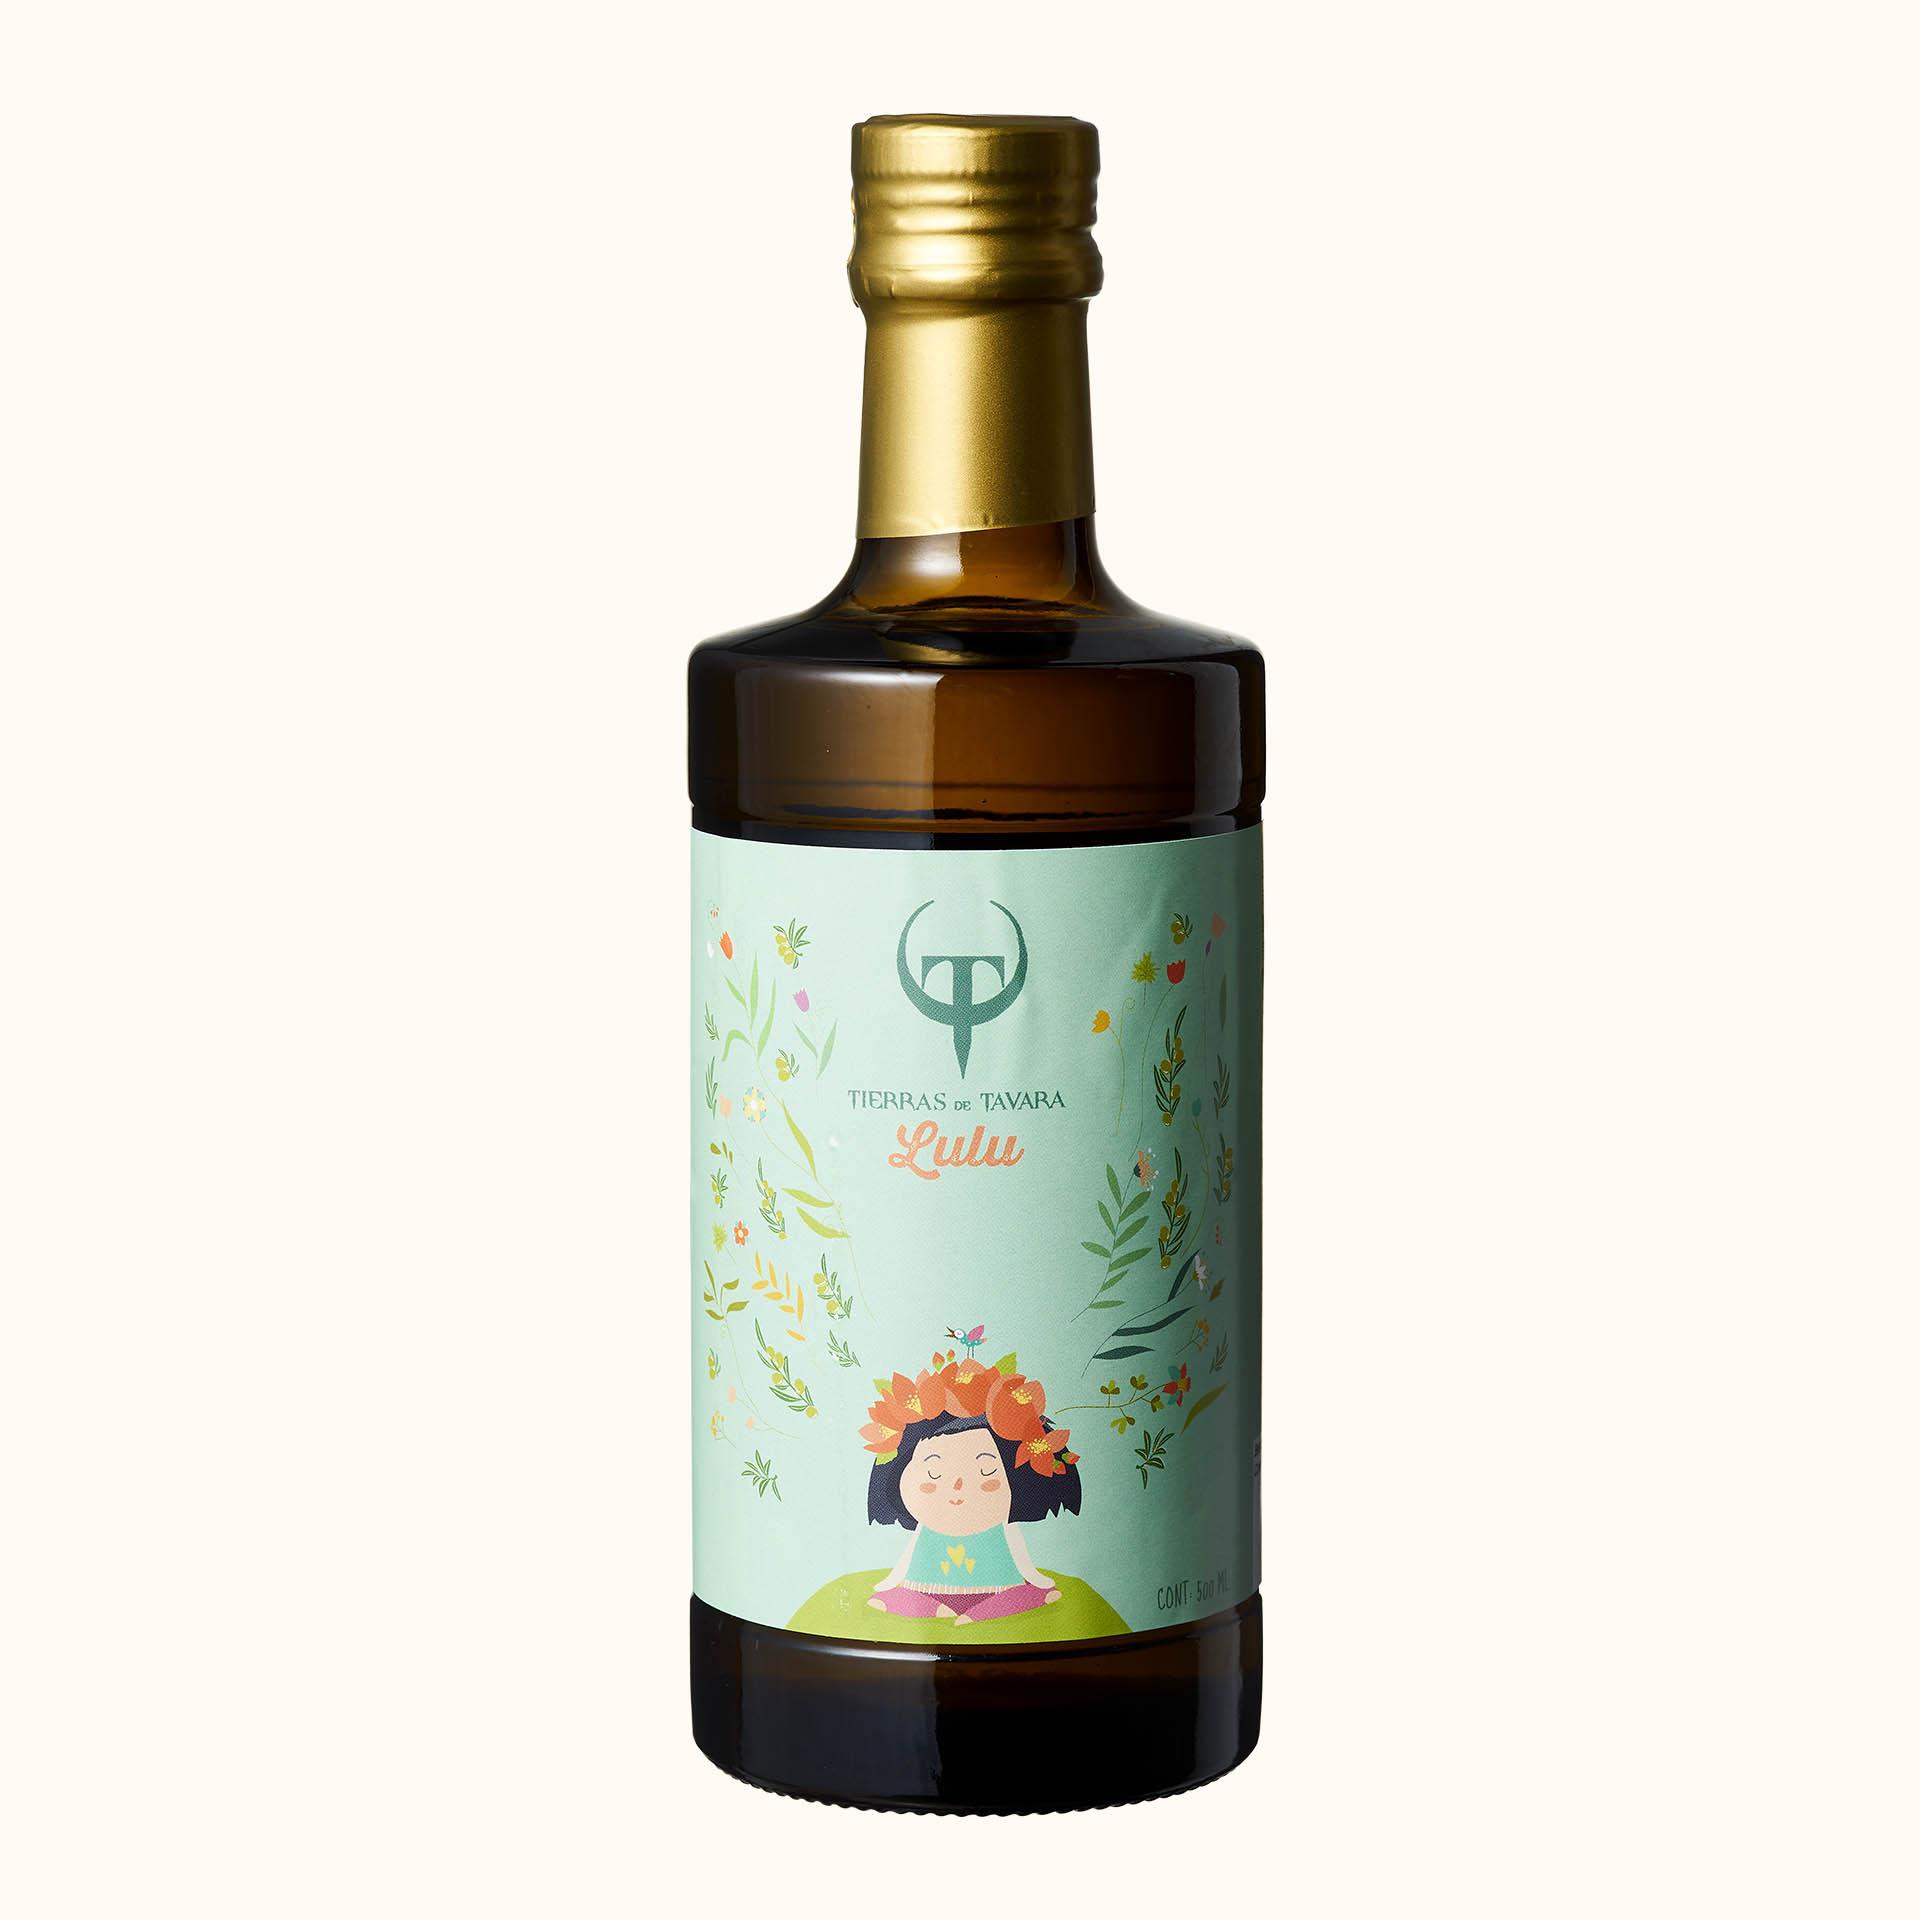 【瓶身瑕疵】Lulus 頂級初榨橄欖油 500ml